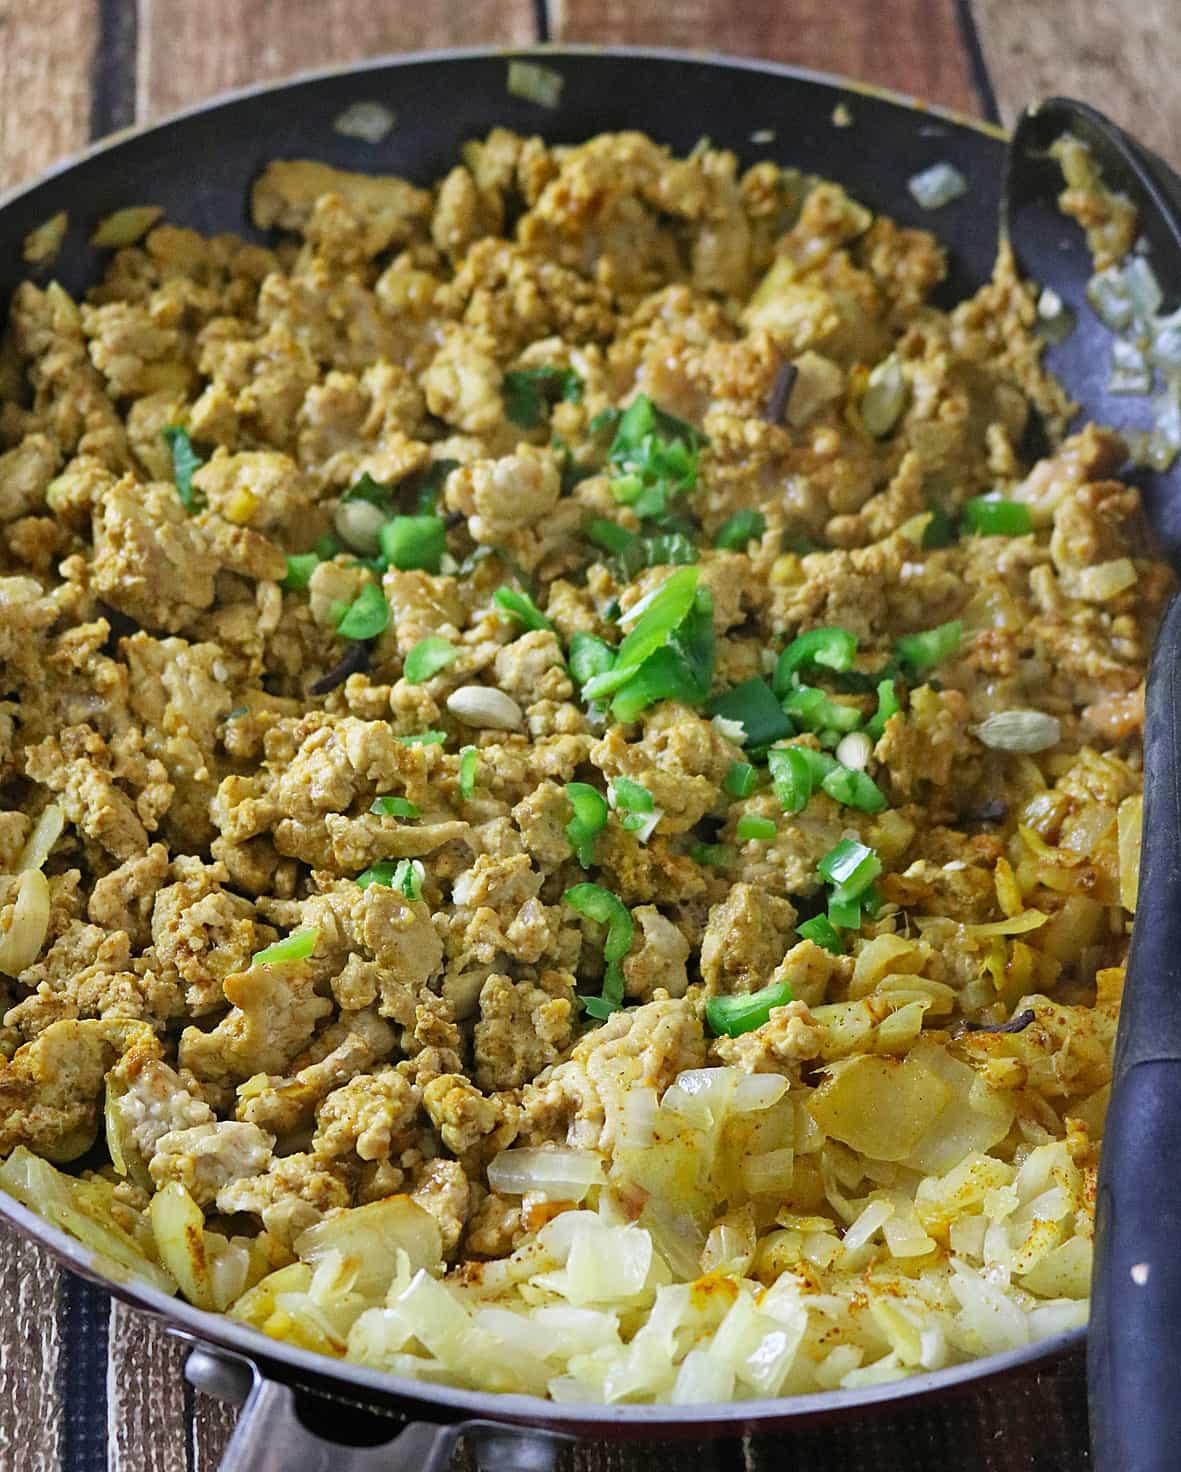 Chicken Keema - Spiced Ground Chicken